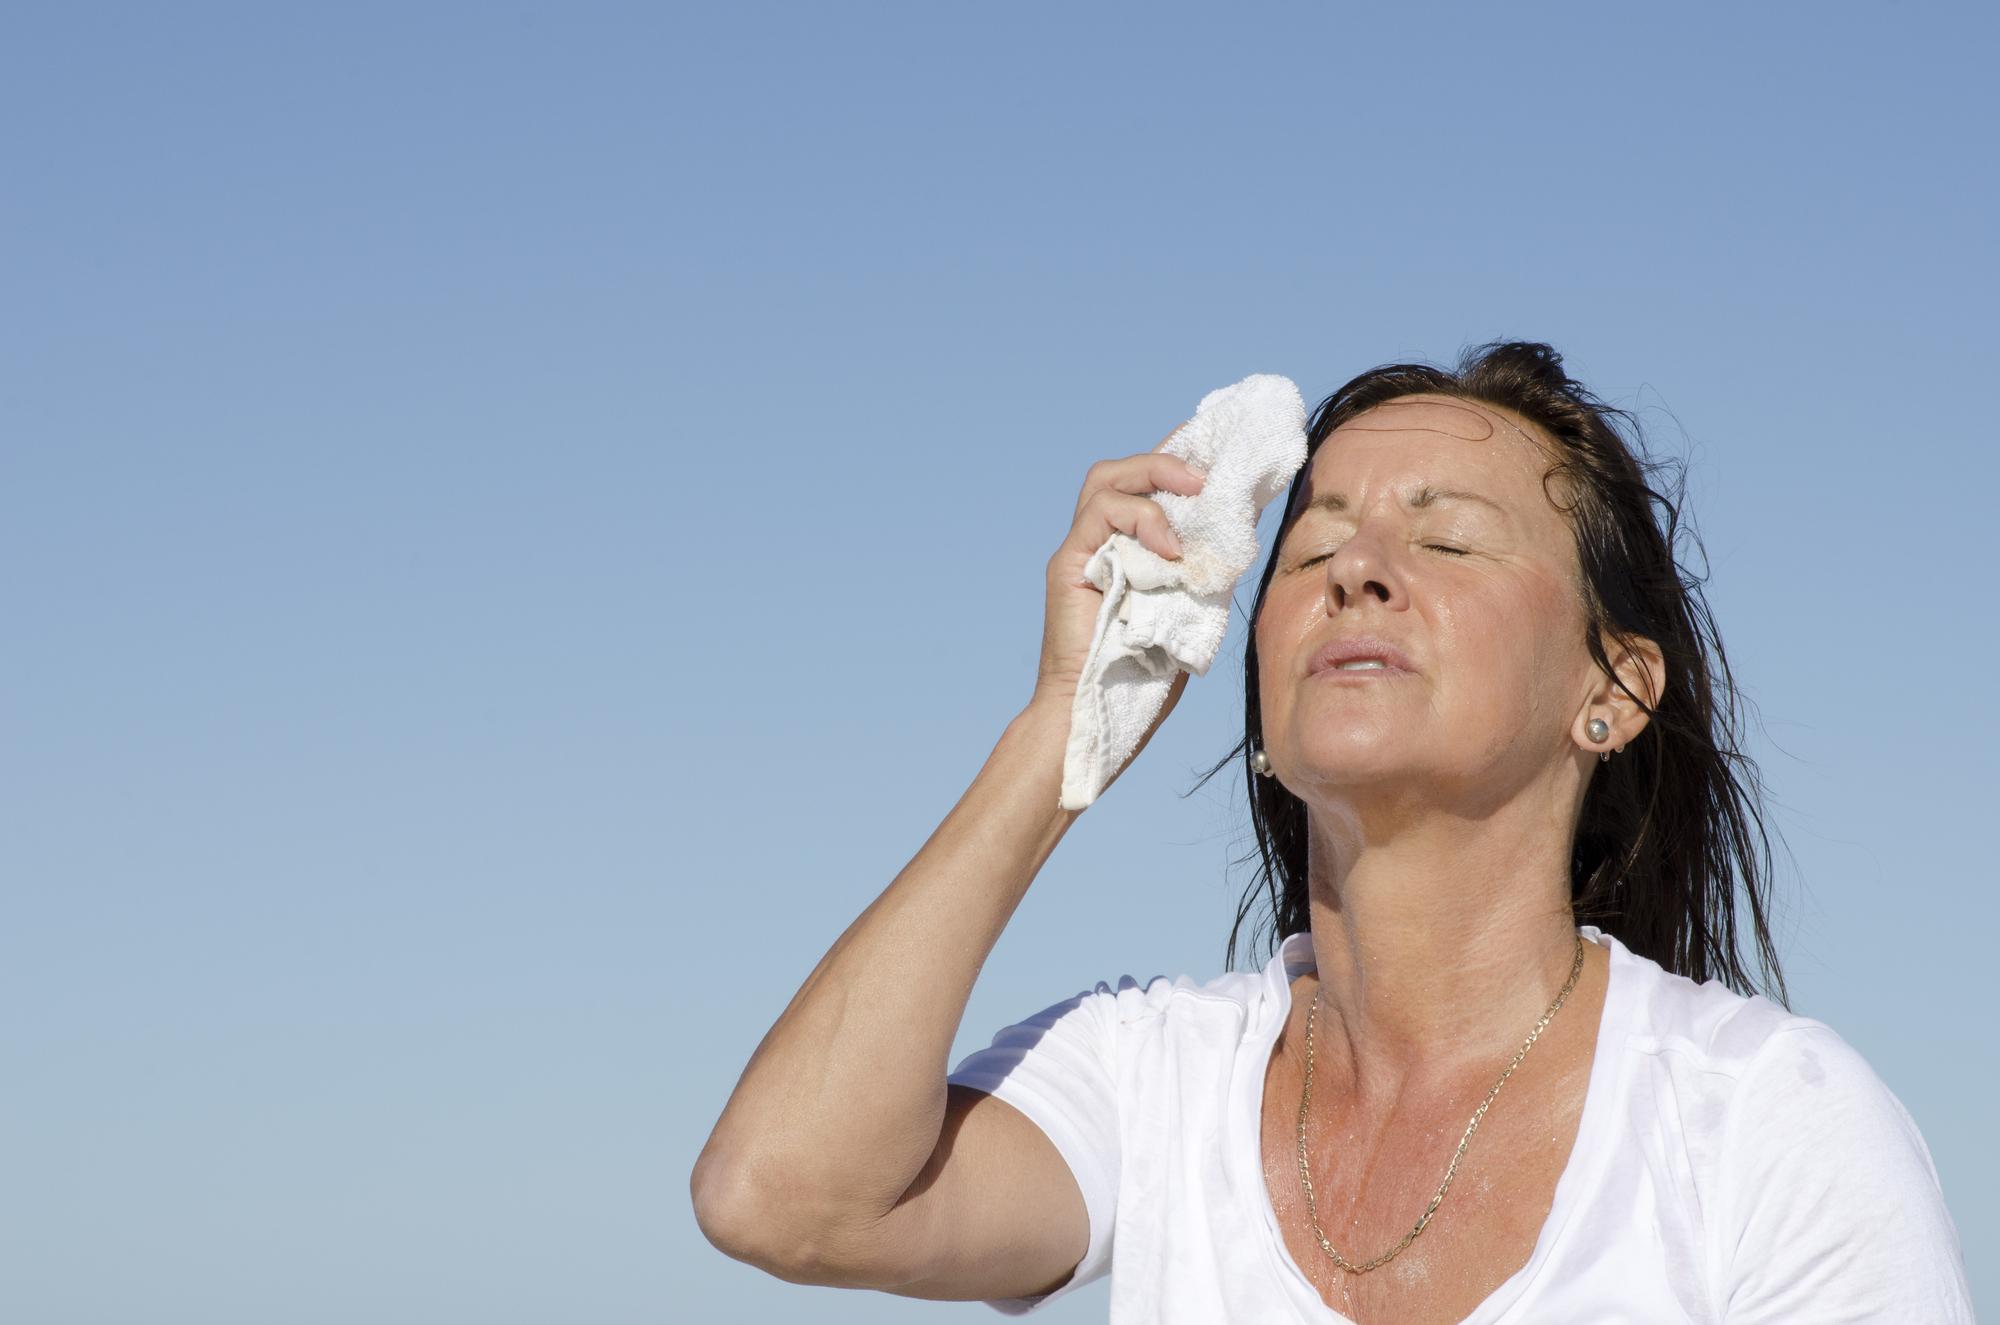 Почему гипертоникам следует опасаться жары?